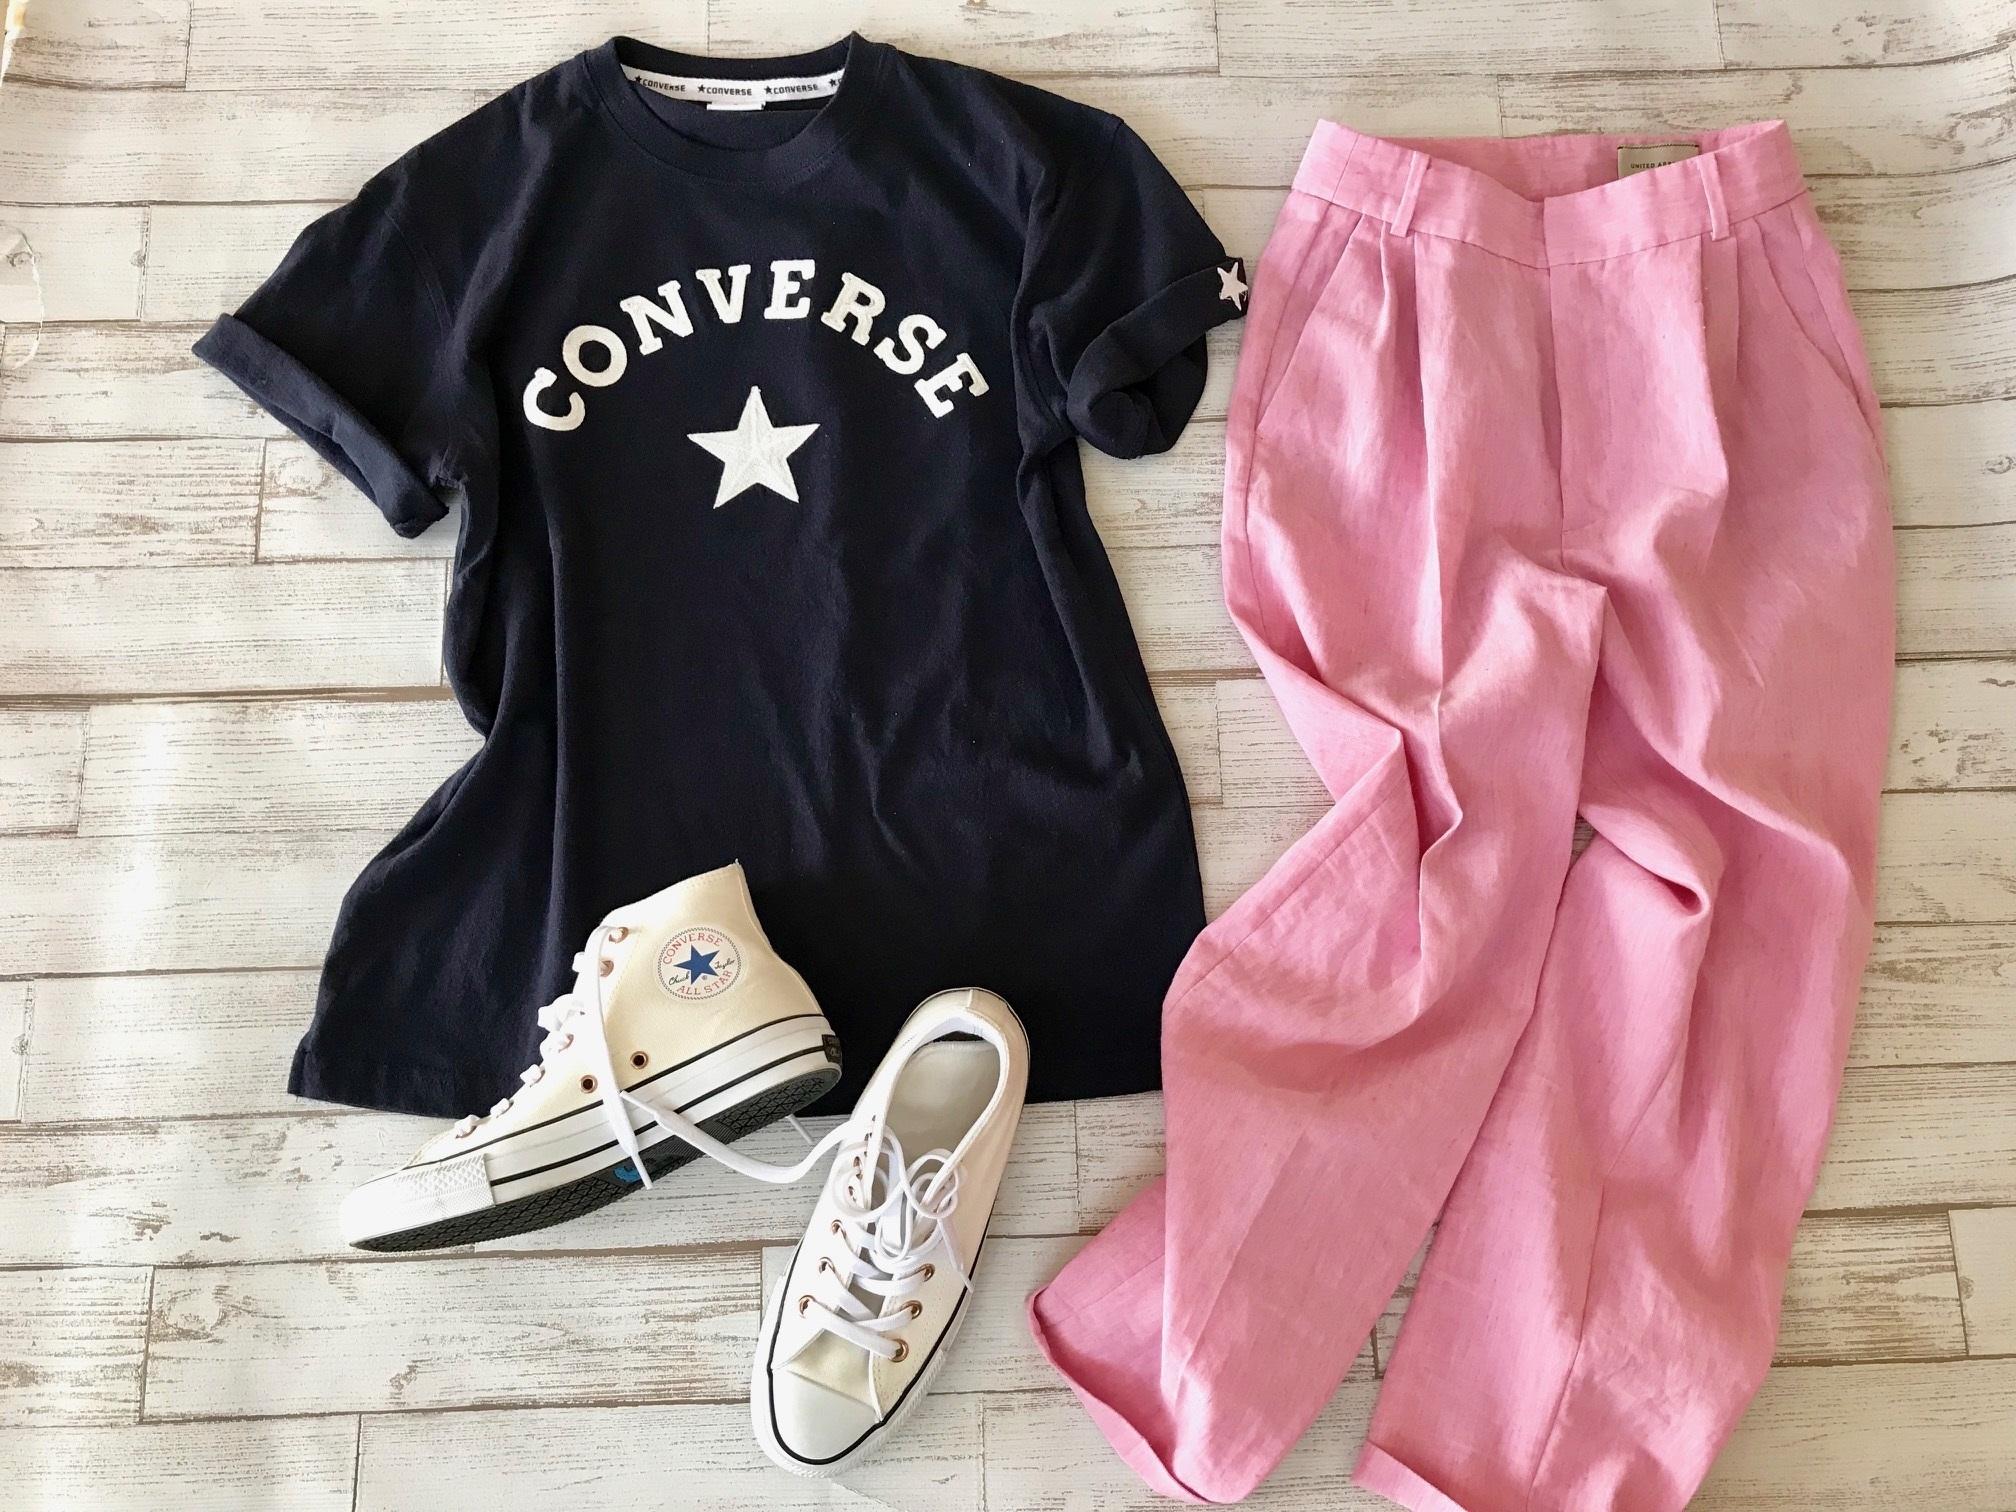 白コンバースのハイカットスニーカー×コンバースTシャツ&麻のピンクパンツコーデ